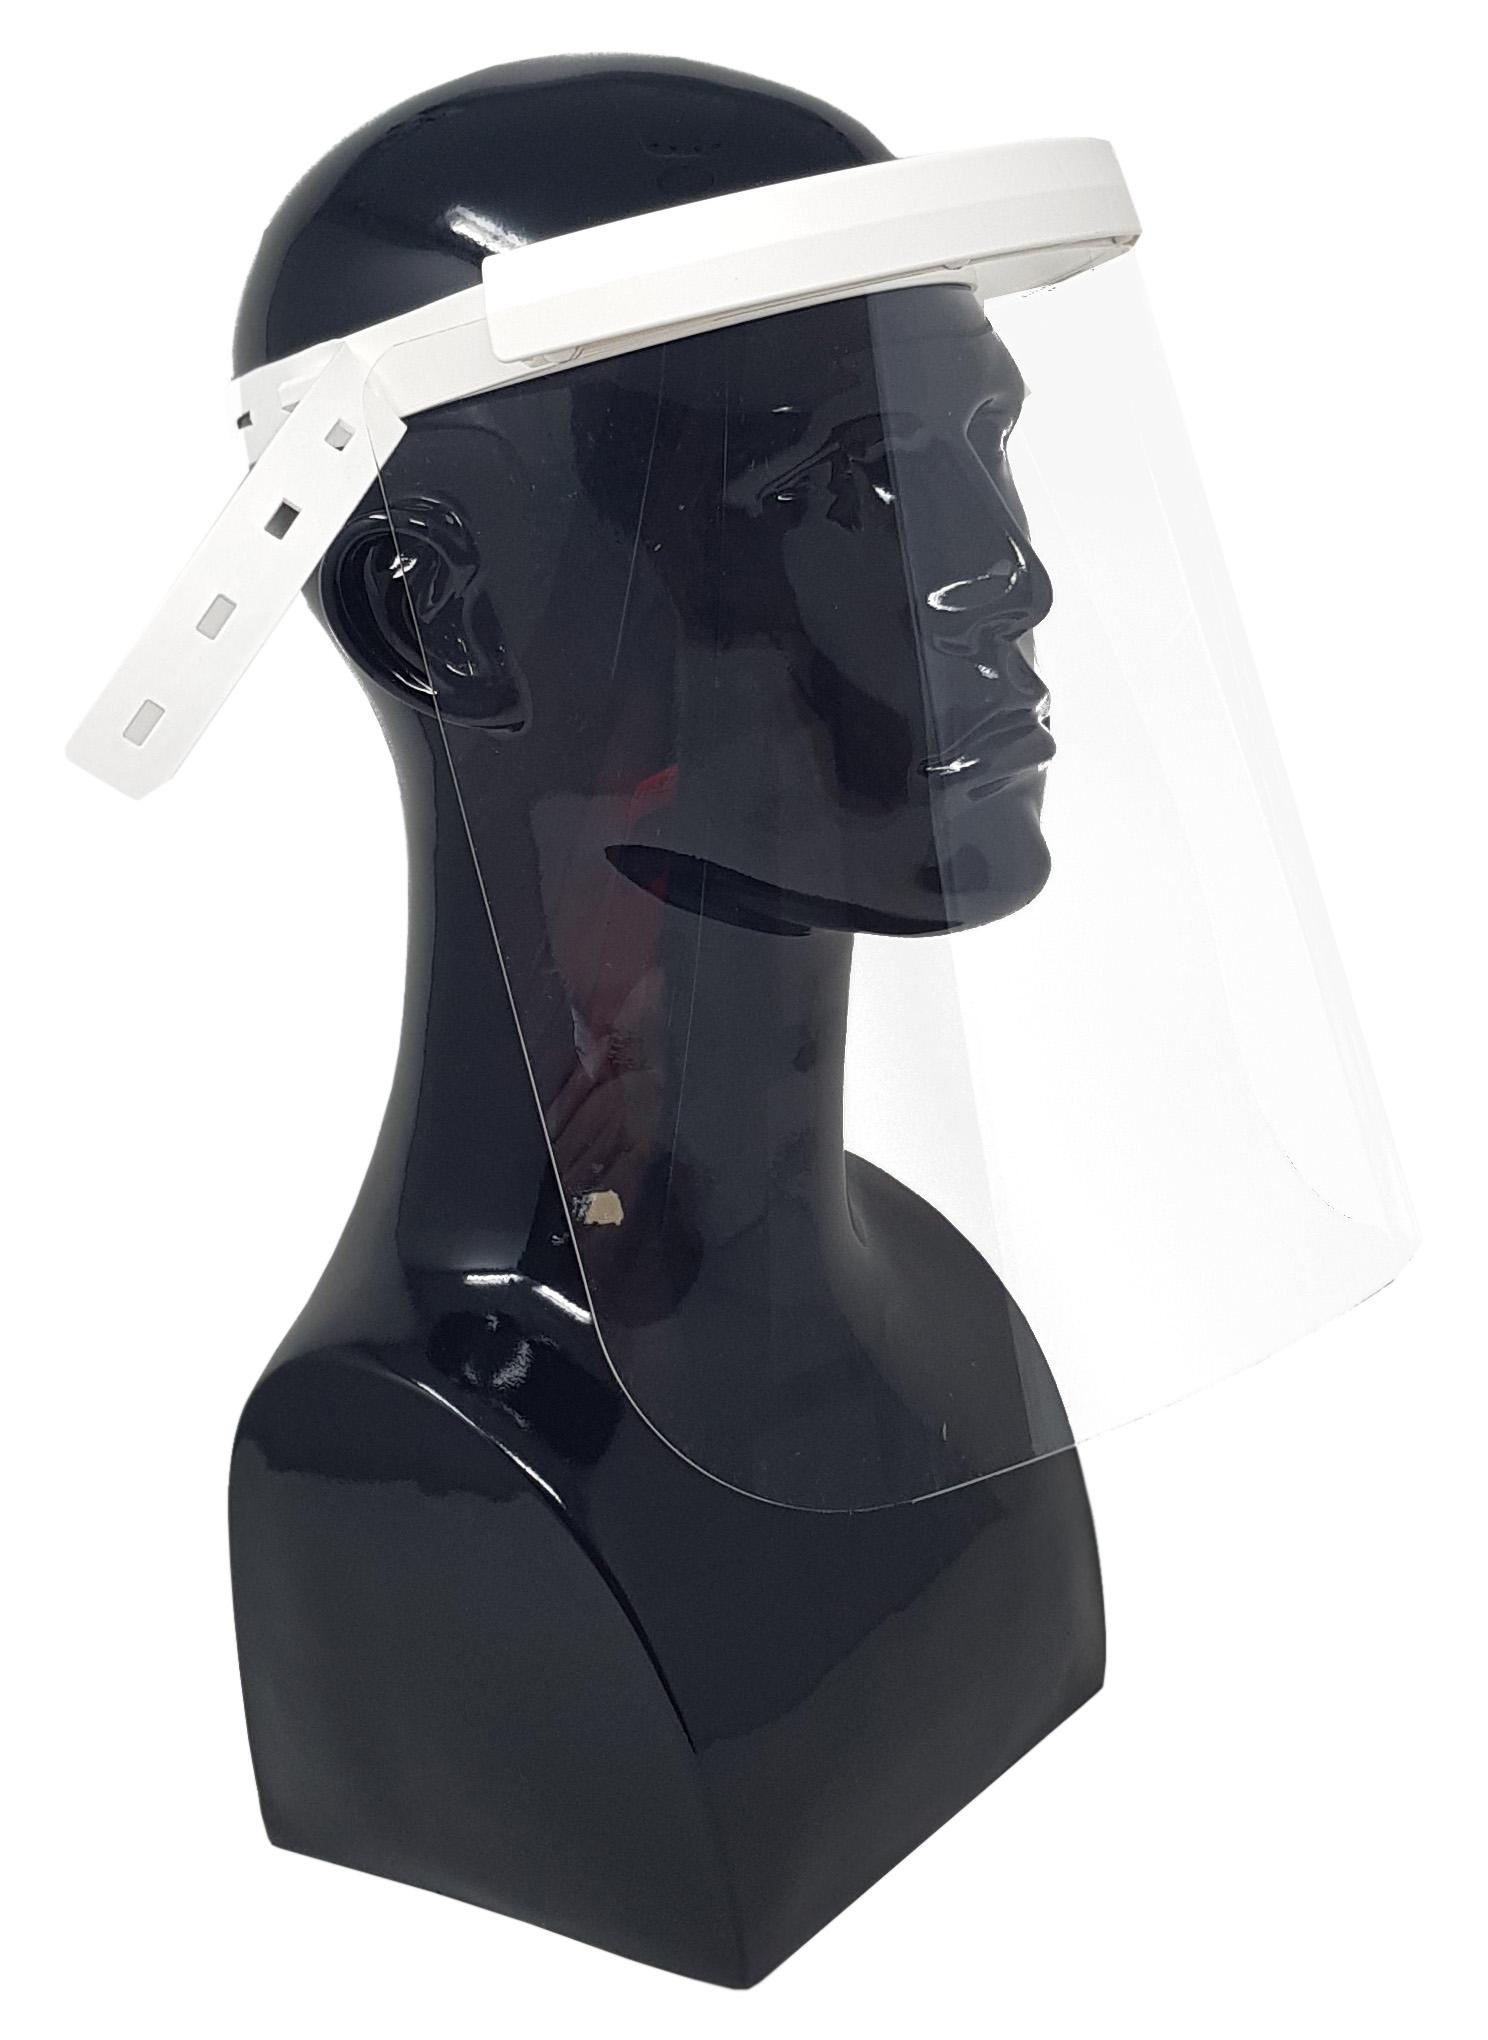 Gesichtsschutz- / Spuckschutzvisier 240mm Visier - Medical White